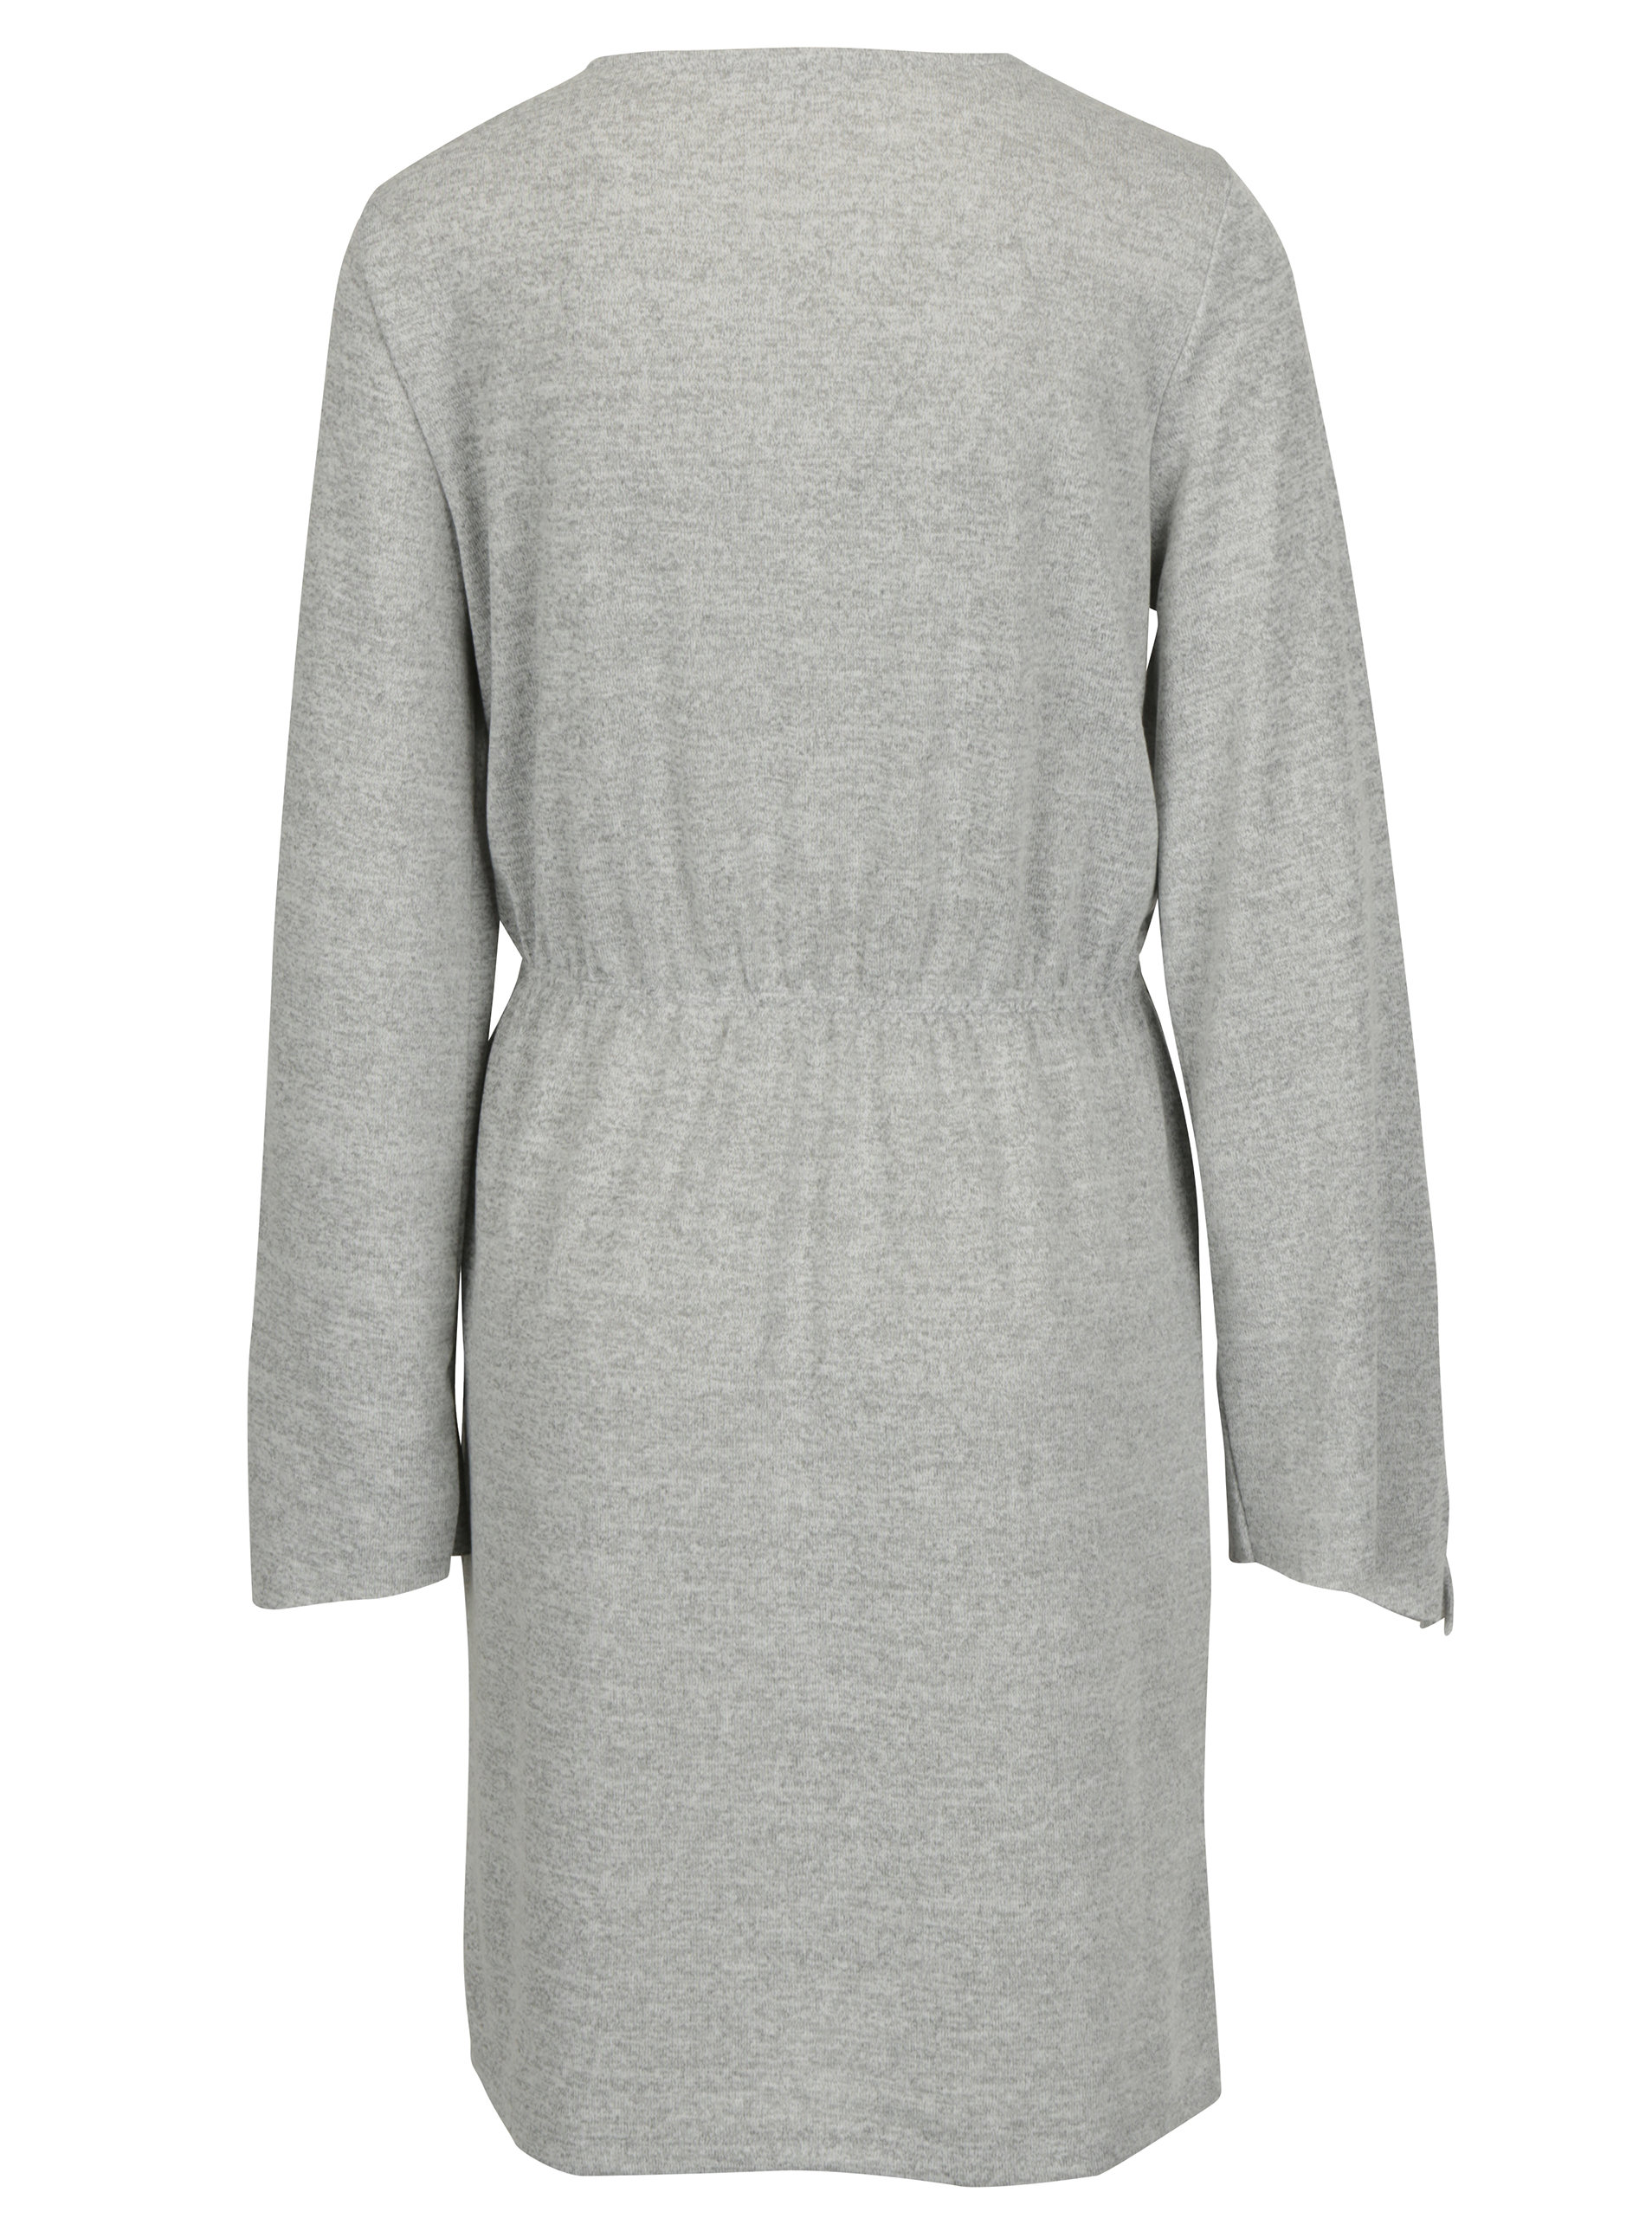 Světle šedé volné žíhané šaty VERO MODA Naturall ... 47ed3cfdd0